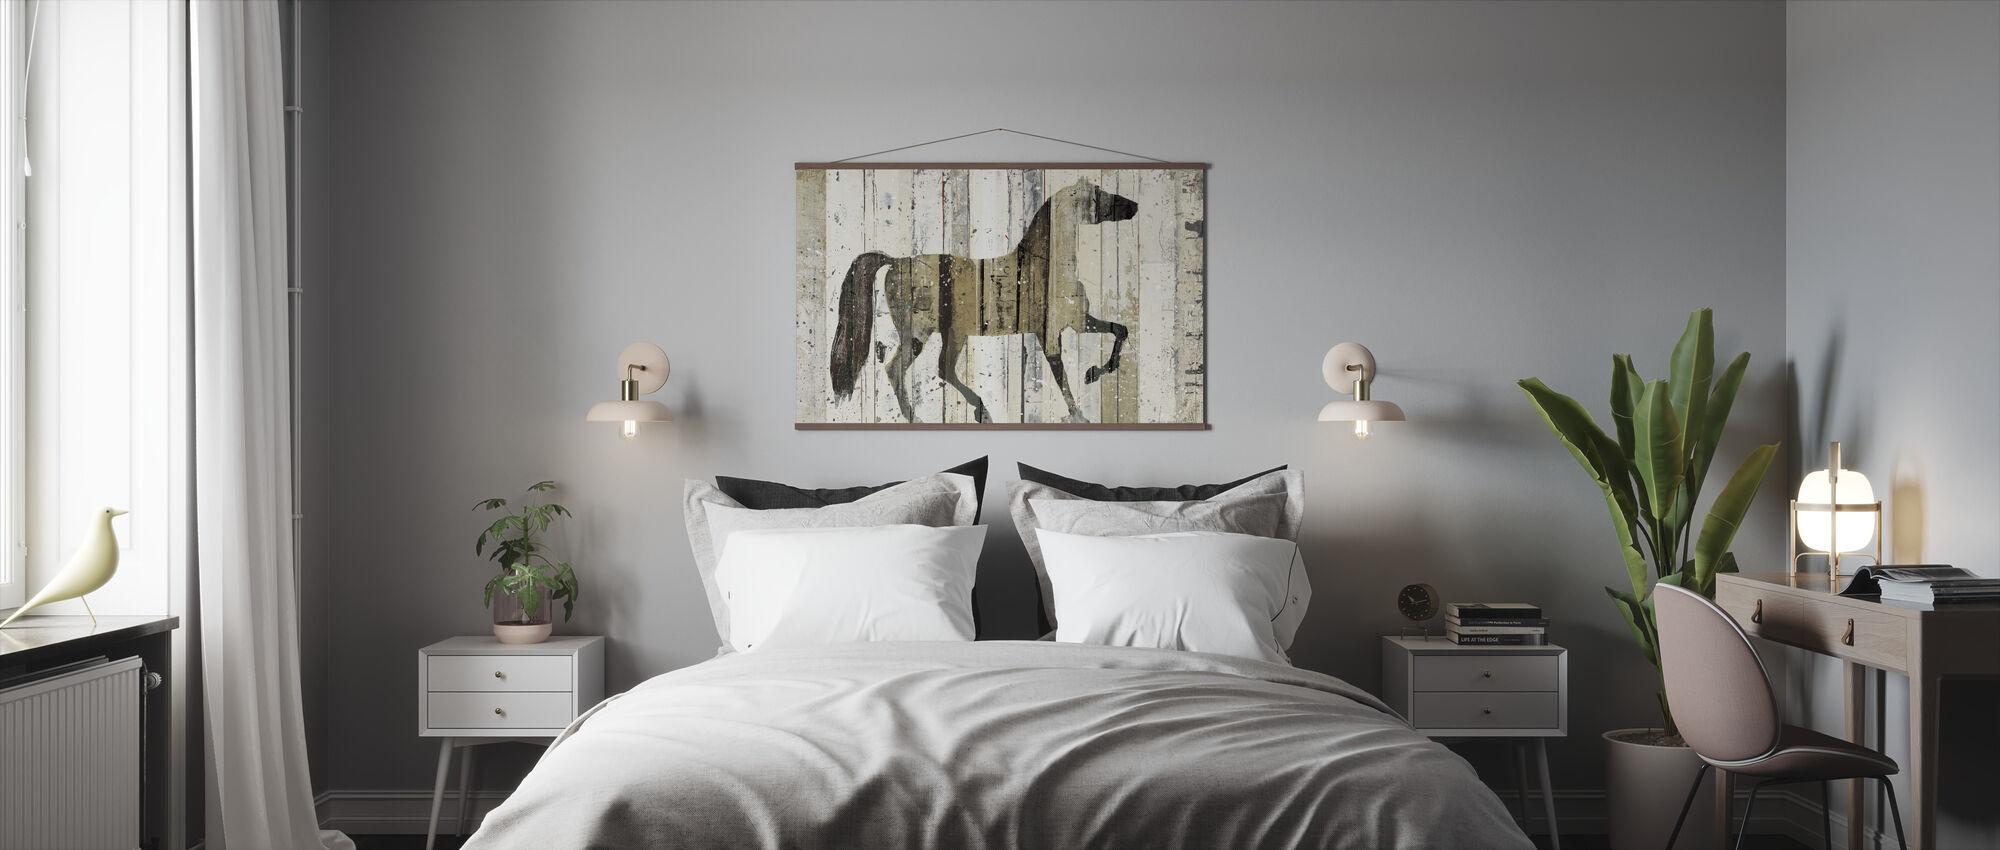 Mørk hest - Plakat - Soverom